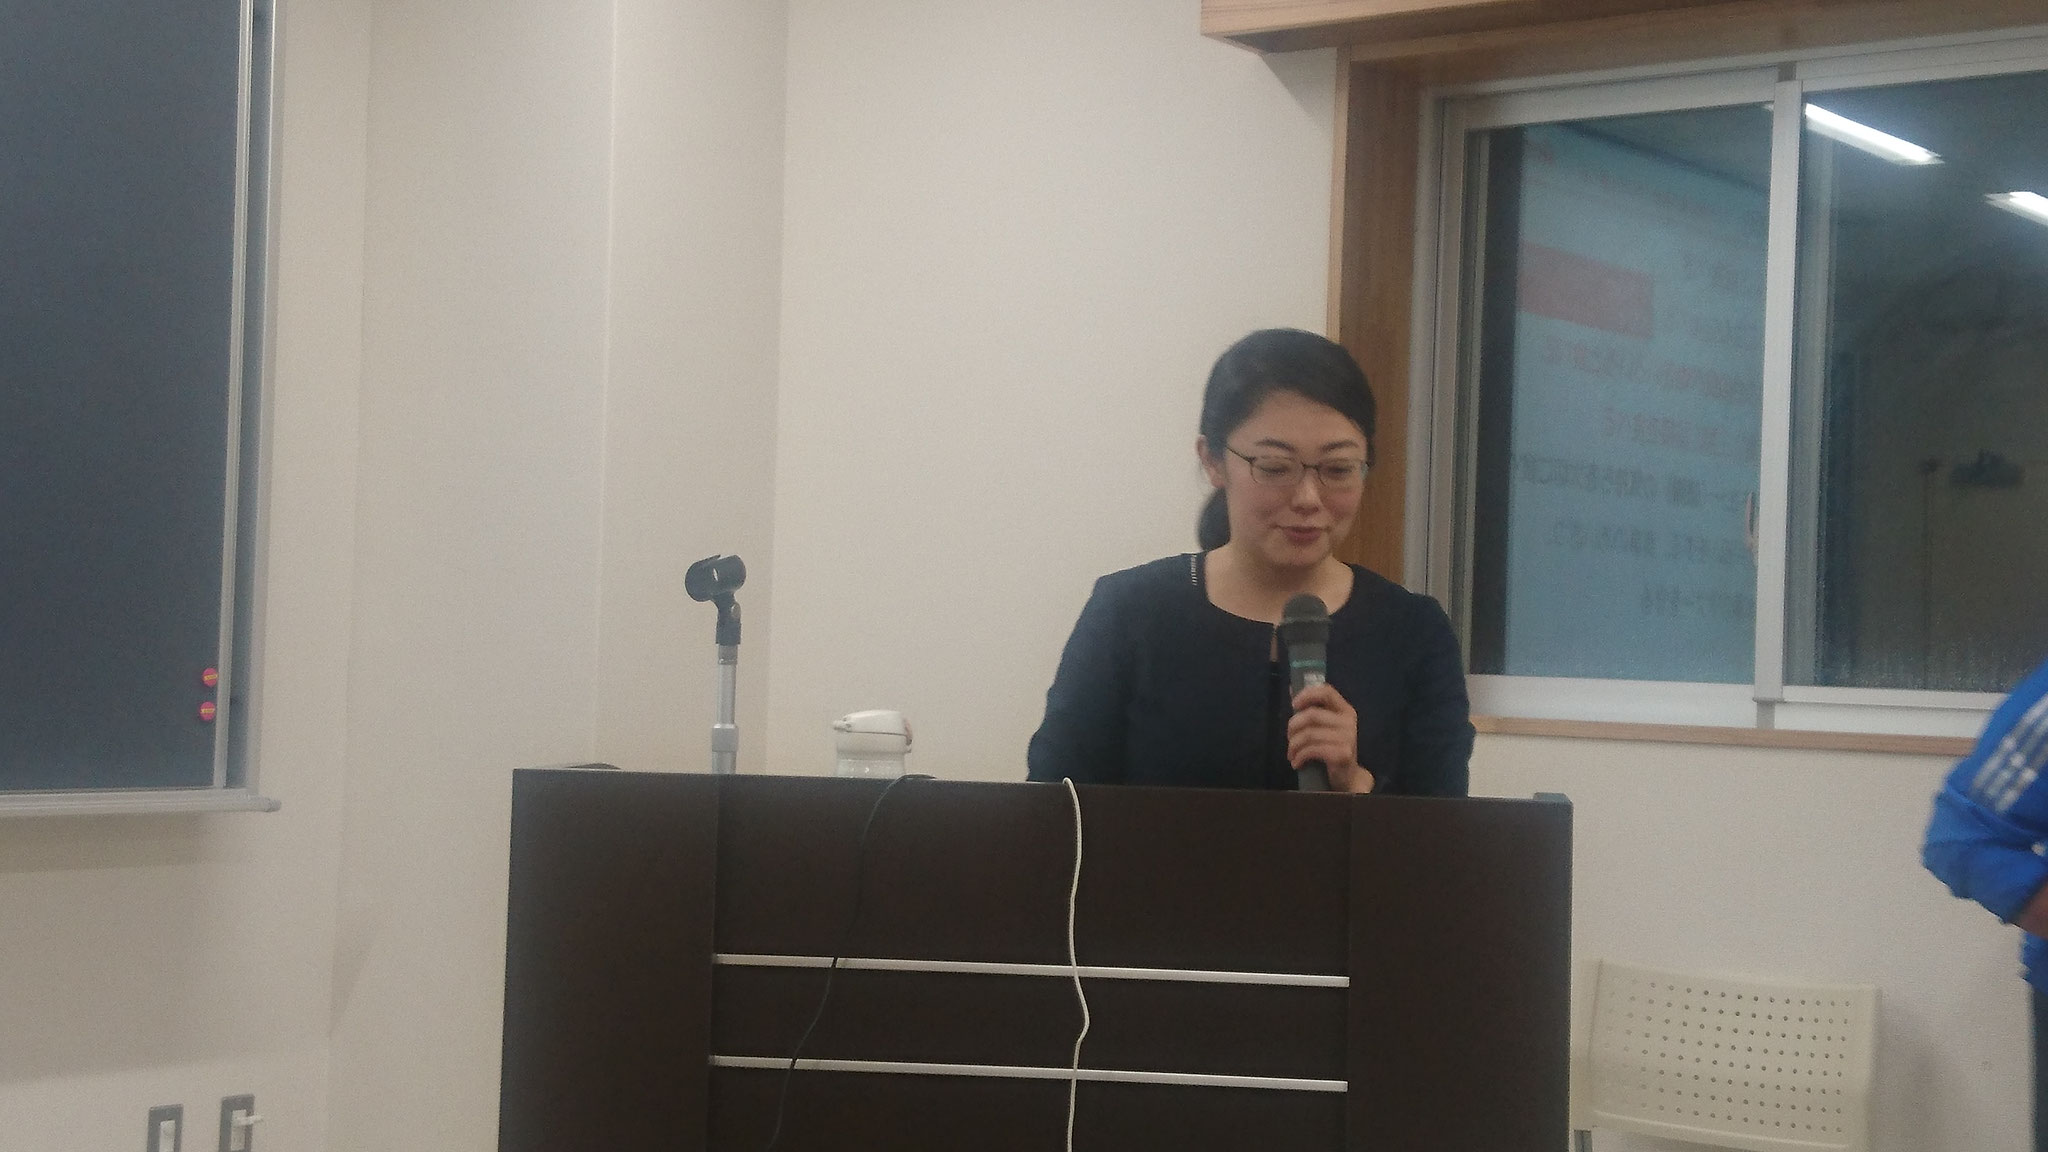 指導者・保護者研修会 2018/5/13 講師:日本ハム㈱柄澤管理栄養士